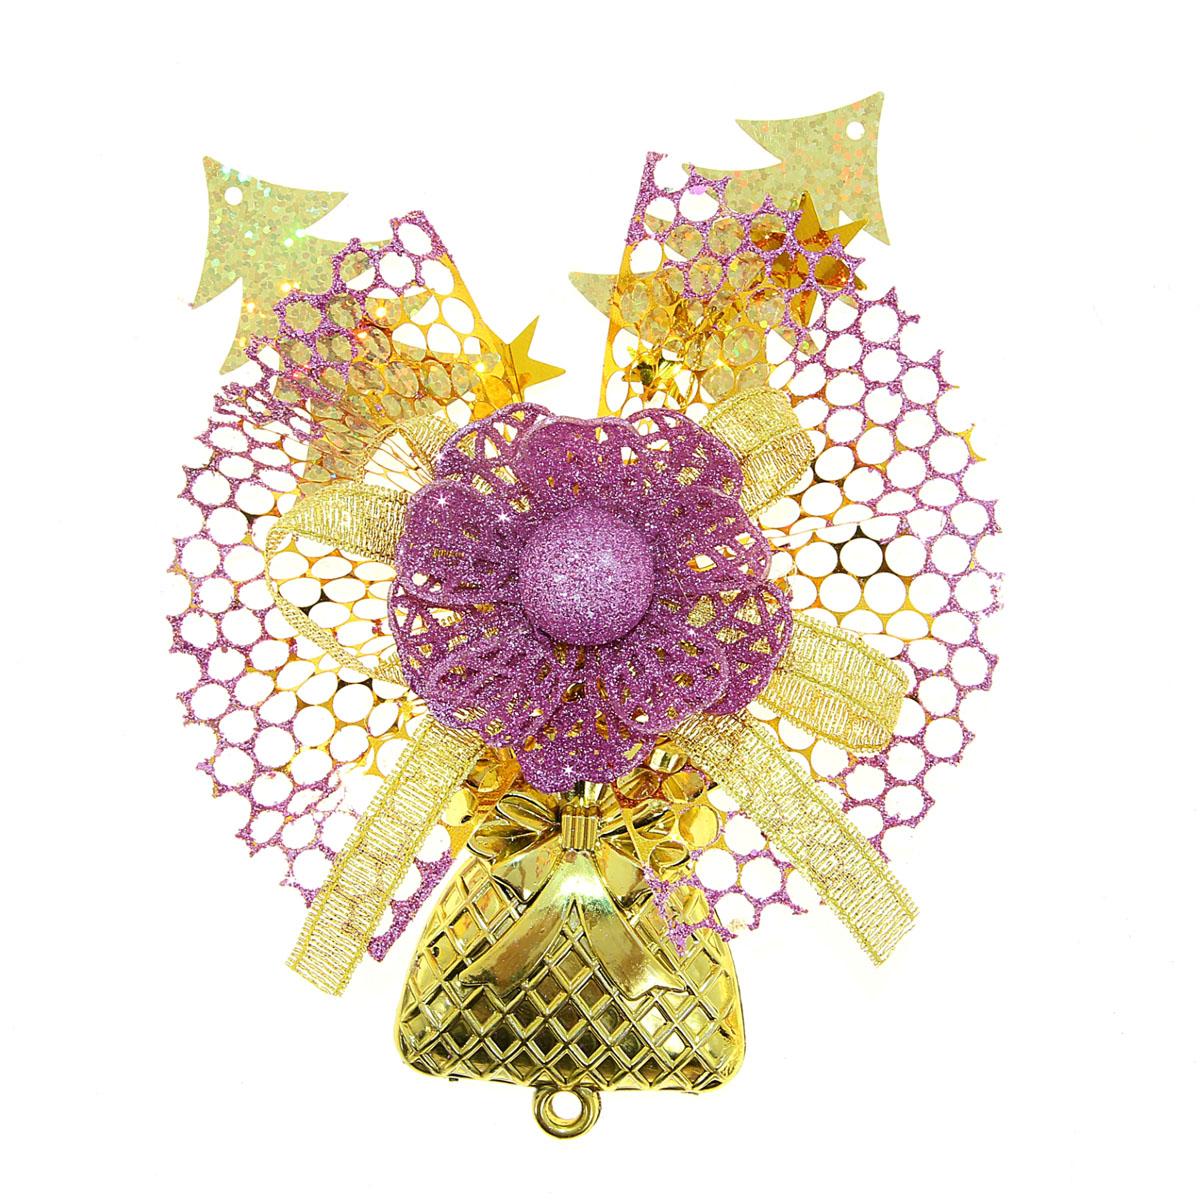 Набор новогодних подвесных украшений Sima-land Сумочки, цвет: фиолетовый, золотистый, 2 шт826734Набор новогодних подвесных украшений Sima-land Сумочки отлично подойдет для декорации вашего дома и новогодней ели. Набор состоит из двух украшений, выполненных в виде декоративных подвесок из текстильного банта, пластикового цветка и подвески в форме сумочки. Композиция имеет металлические крепления для подвешивания.Елочная игрушка - символ Нового года. Она несет в себе волшебство и красоту праздника. Создайте в своем доме атмосферу веселья и радости, украшая всей семьей новогоднюю елку нарядными игрушками, которые будут из года в год накапливать теплоту воспоминаний. Размер украшения: 11 см х 15 см х 3 см.